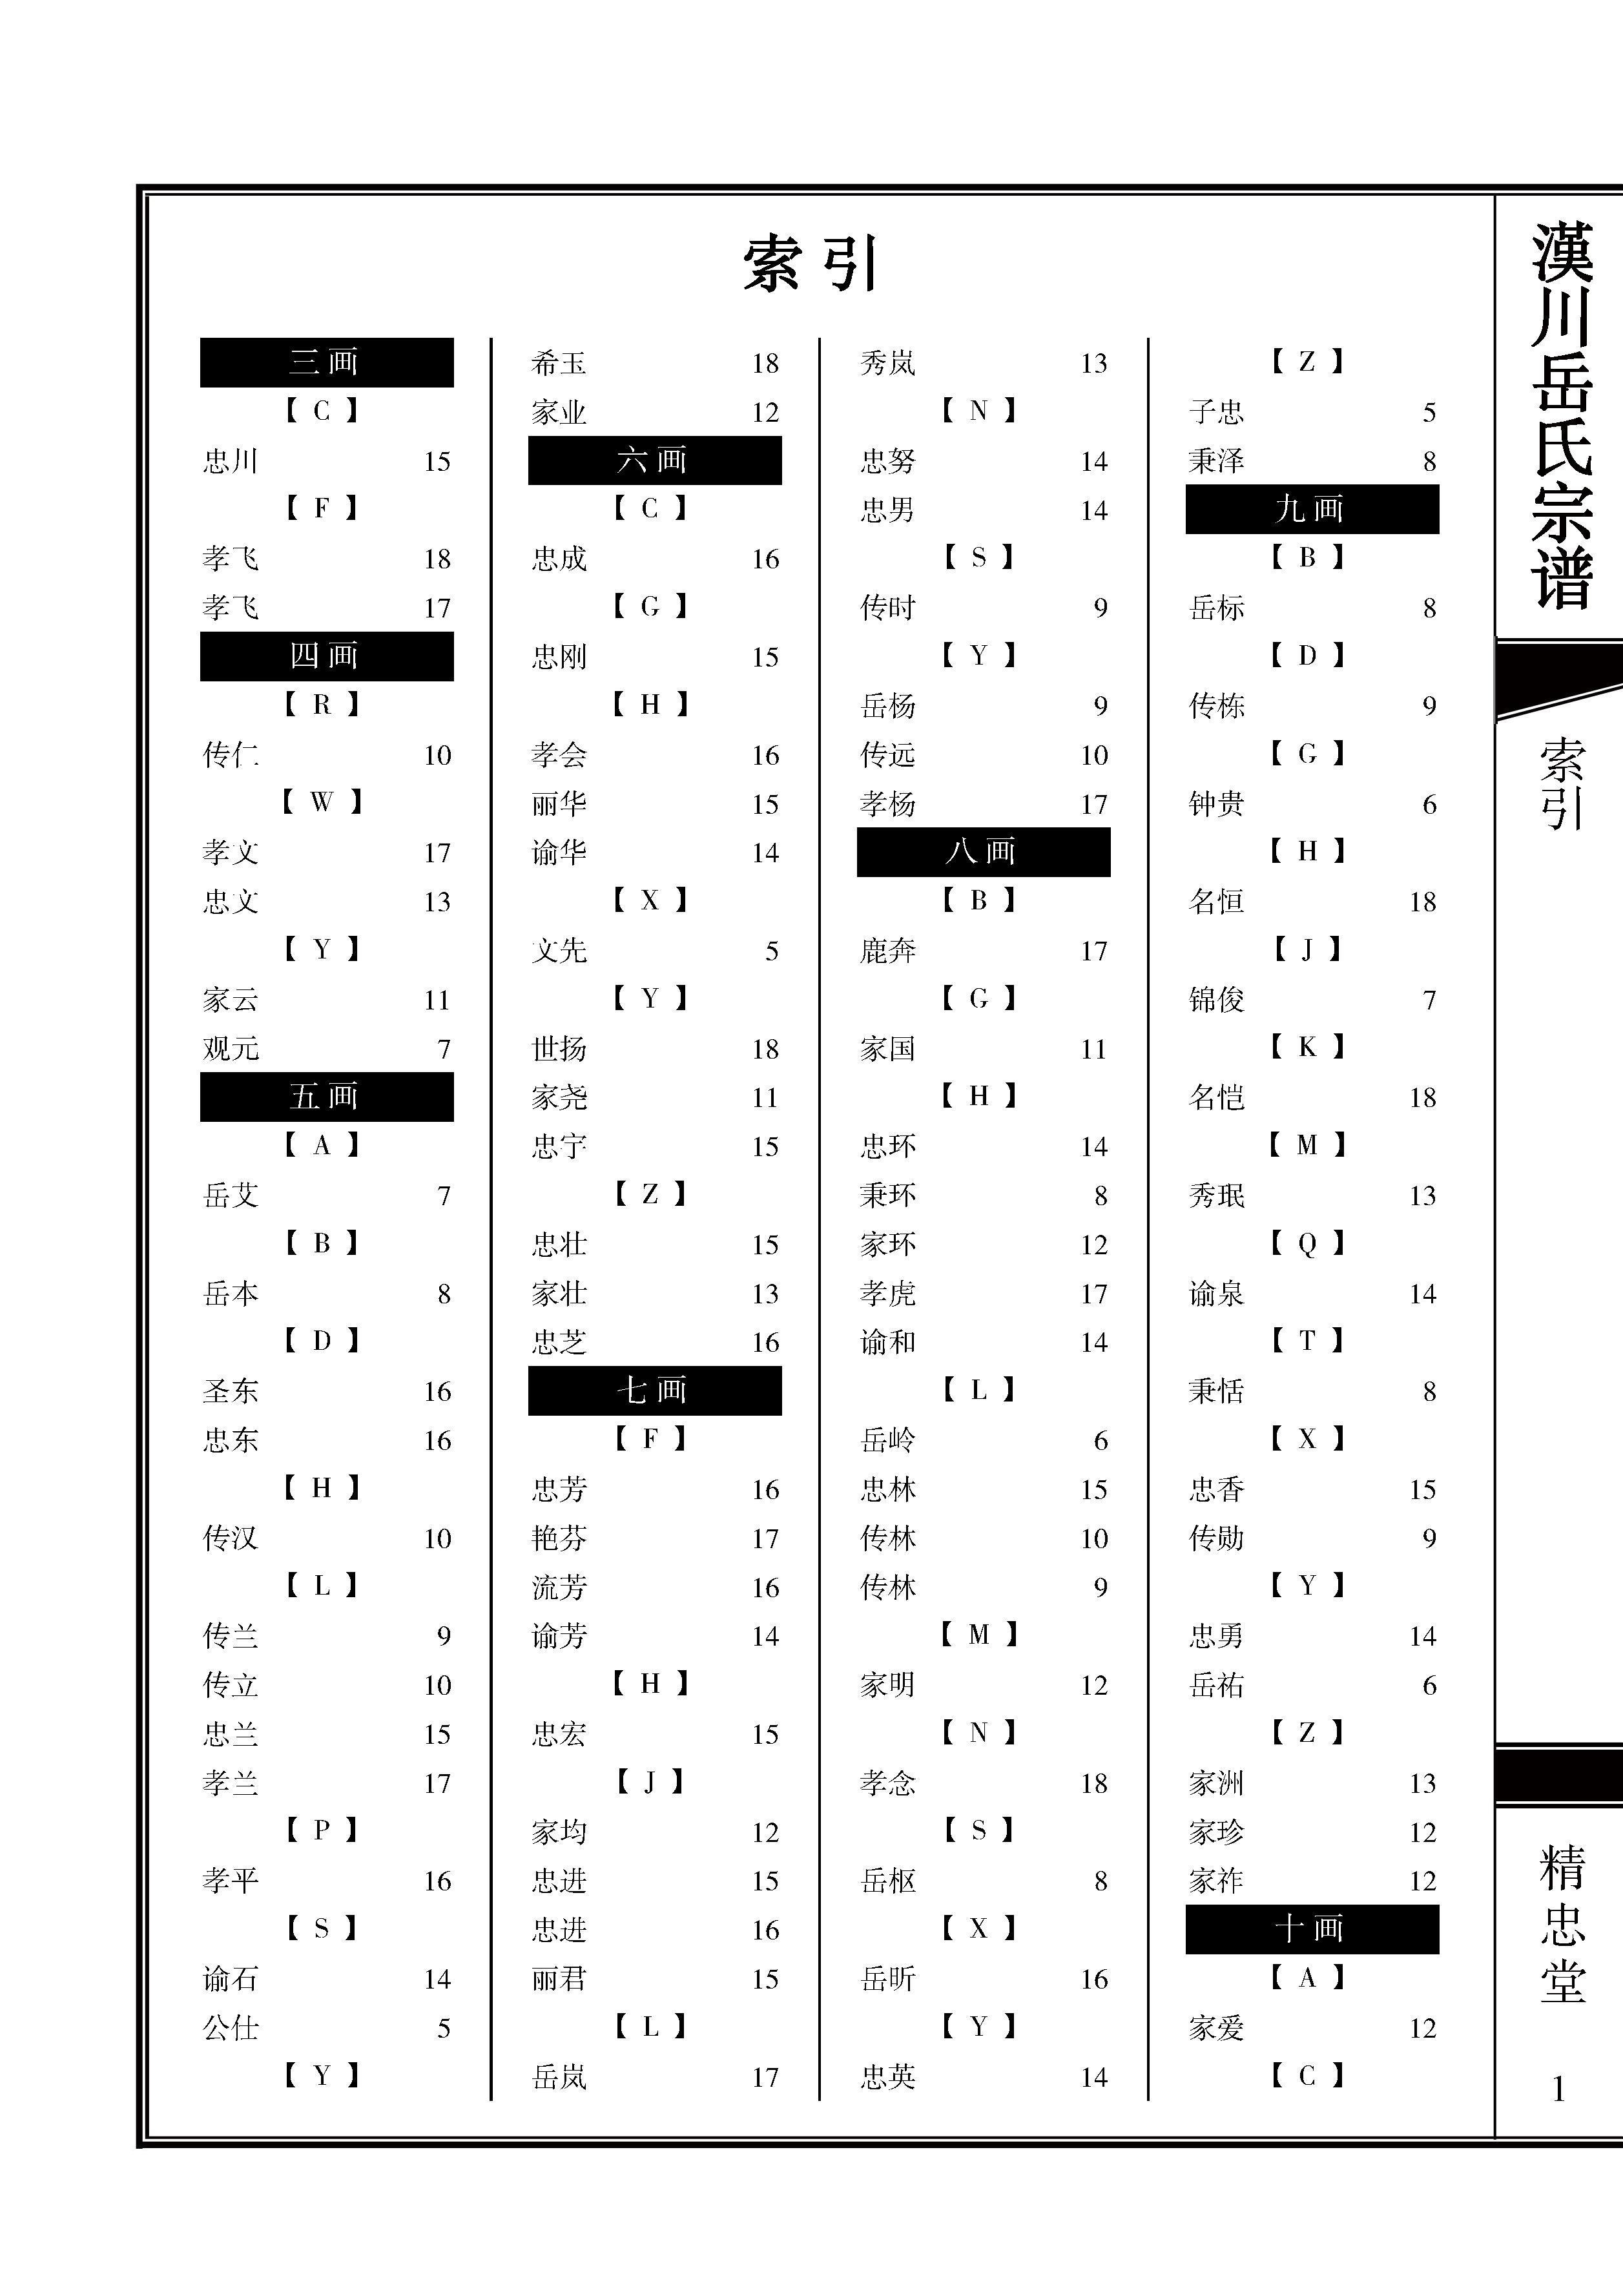 页面提取自-02新苏体表格式_页面_2